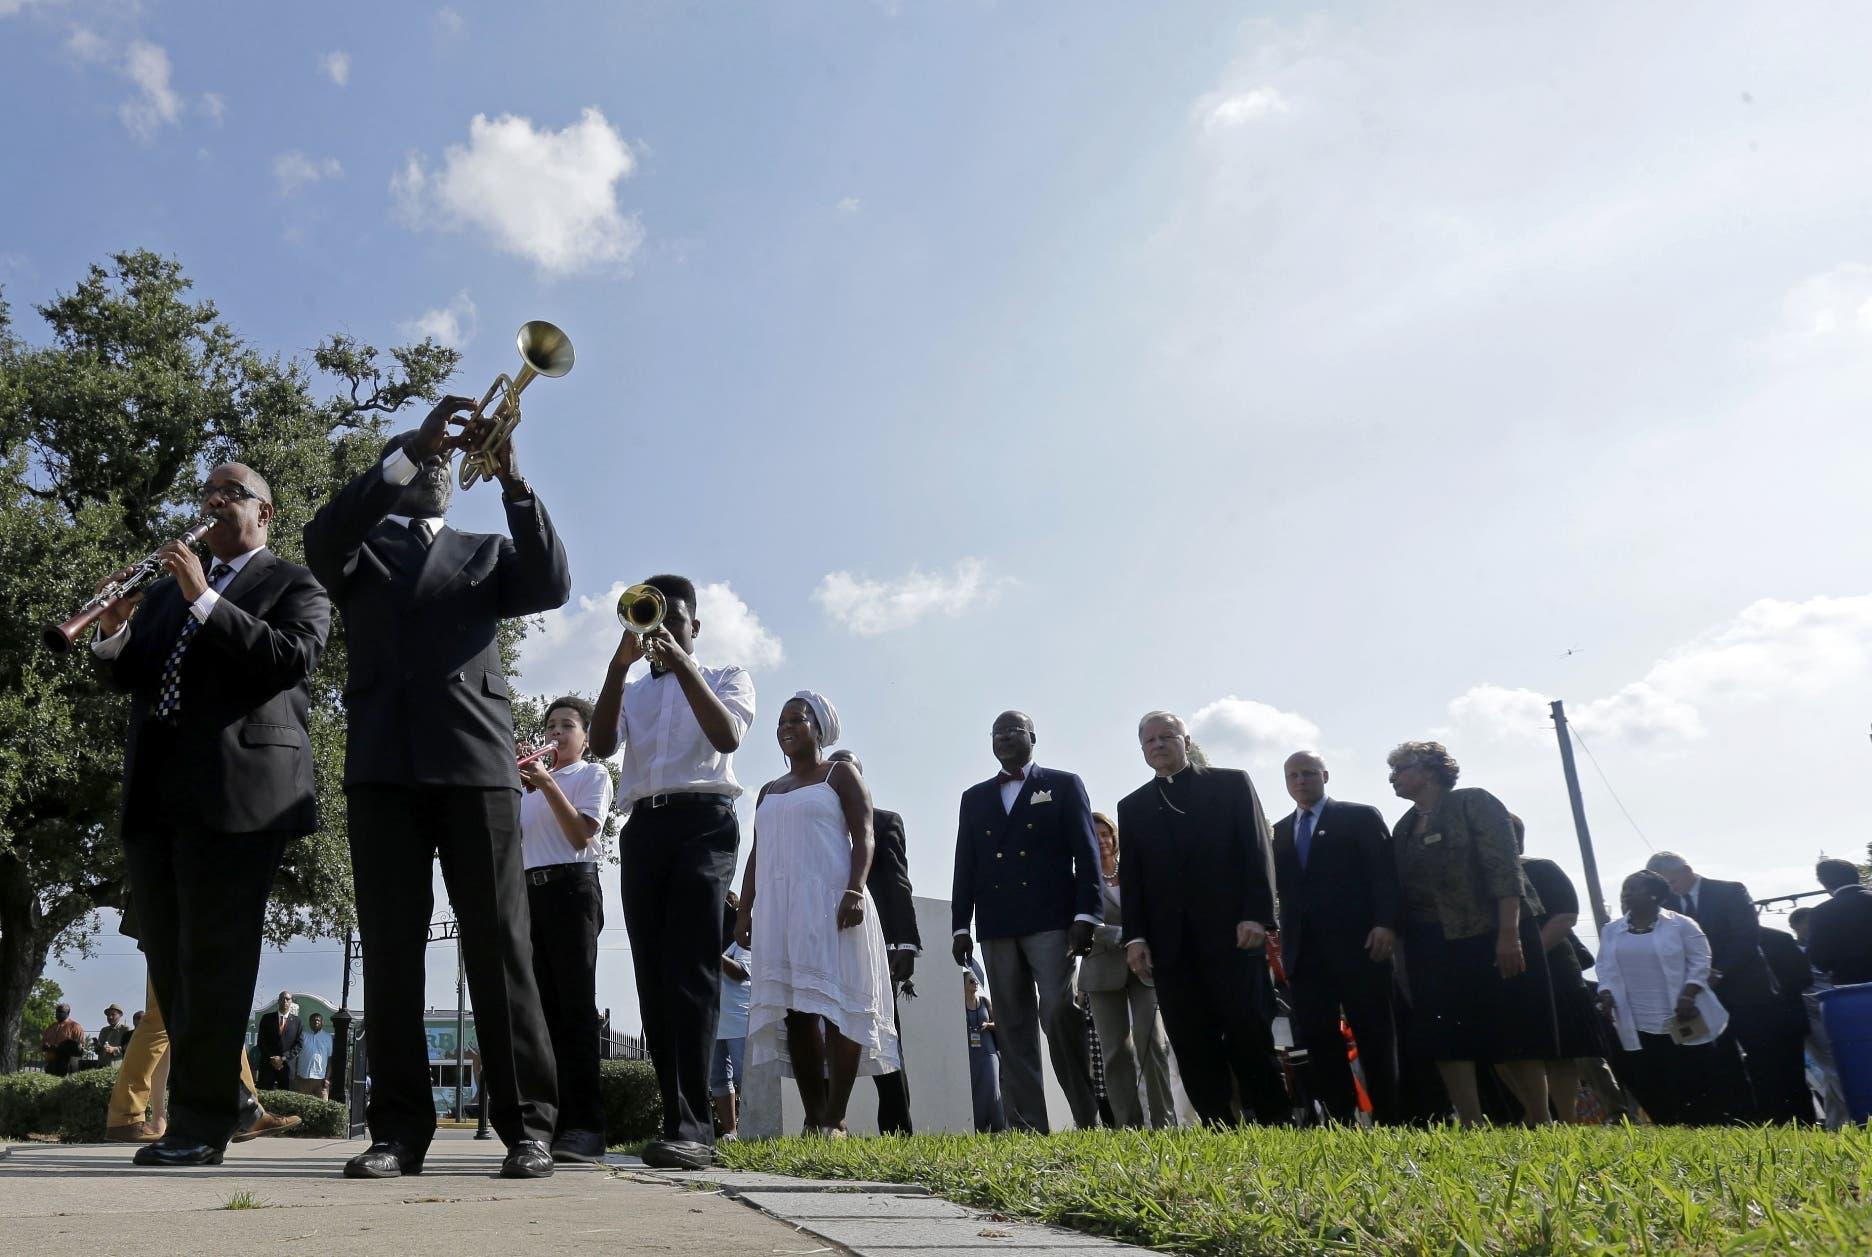 Músicos encabezan una procesión durante una ceremonia de colocación de una ofrenda floral en un monumento a las víctimas del huracán Katrina, en el 10mo aniversario de esa tempestad que azotó Nueva Orléans. (AP Foto/Gerald Herbert)